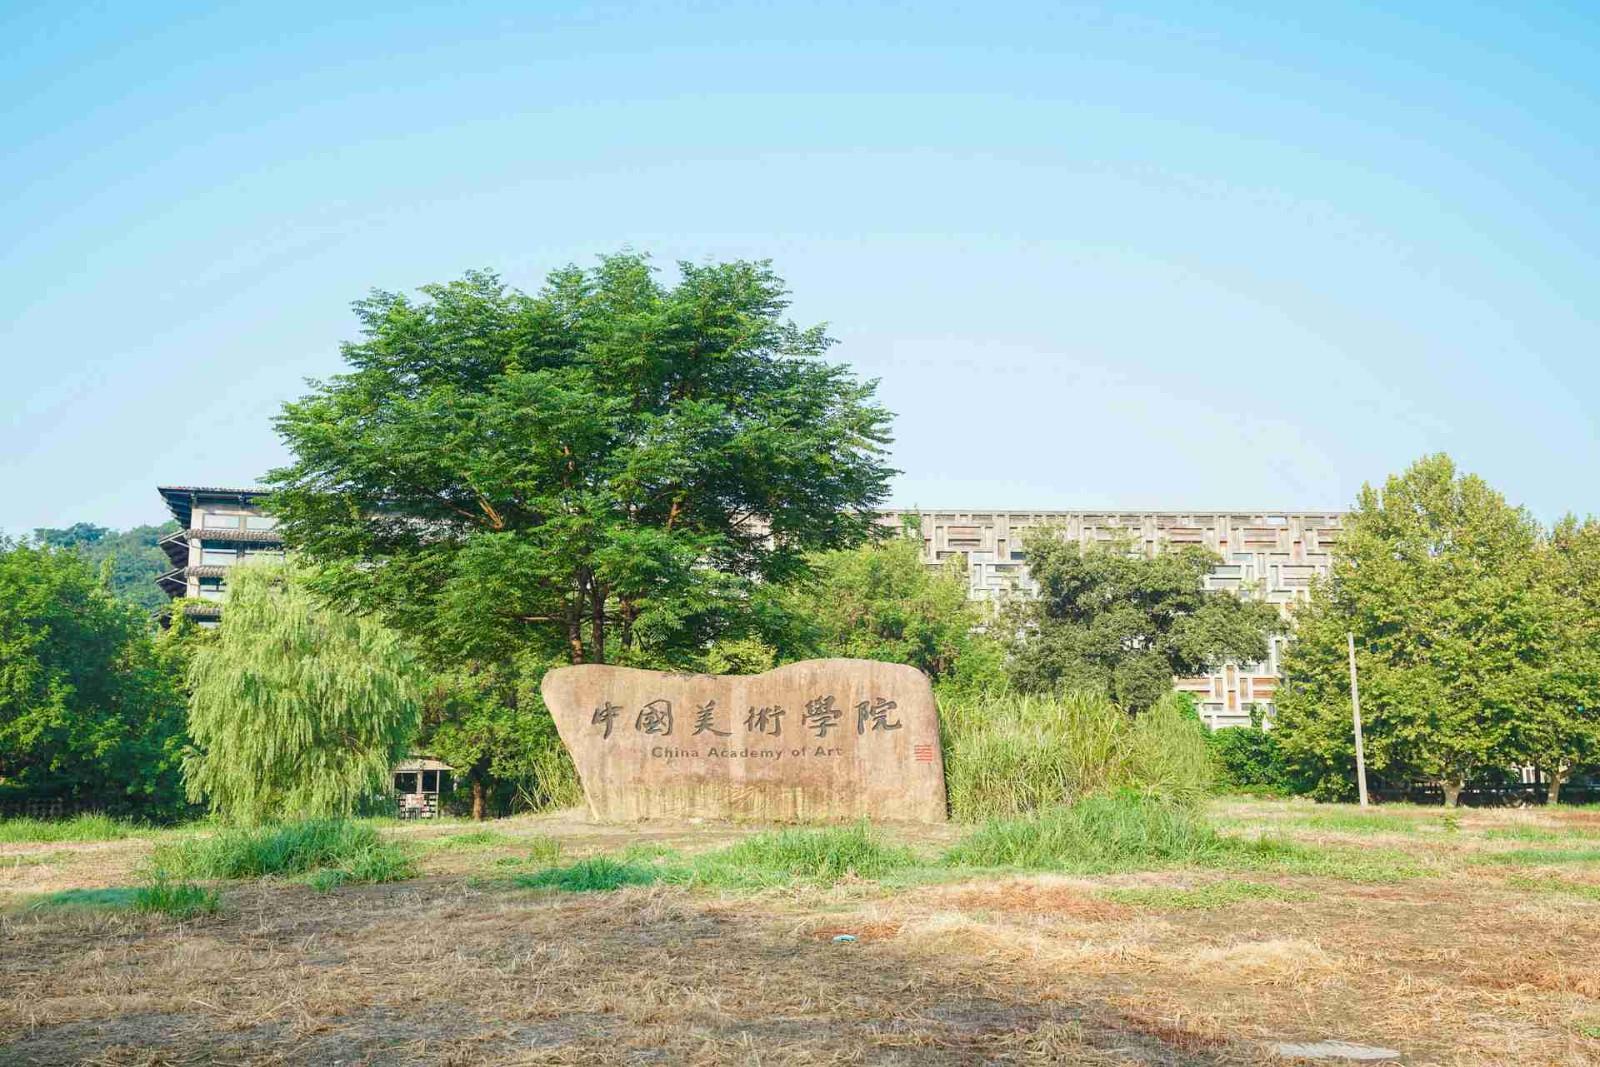 中国美术学院校景图集